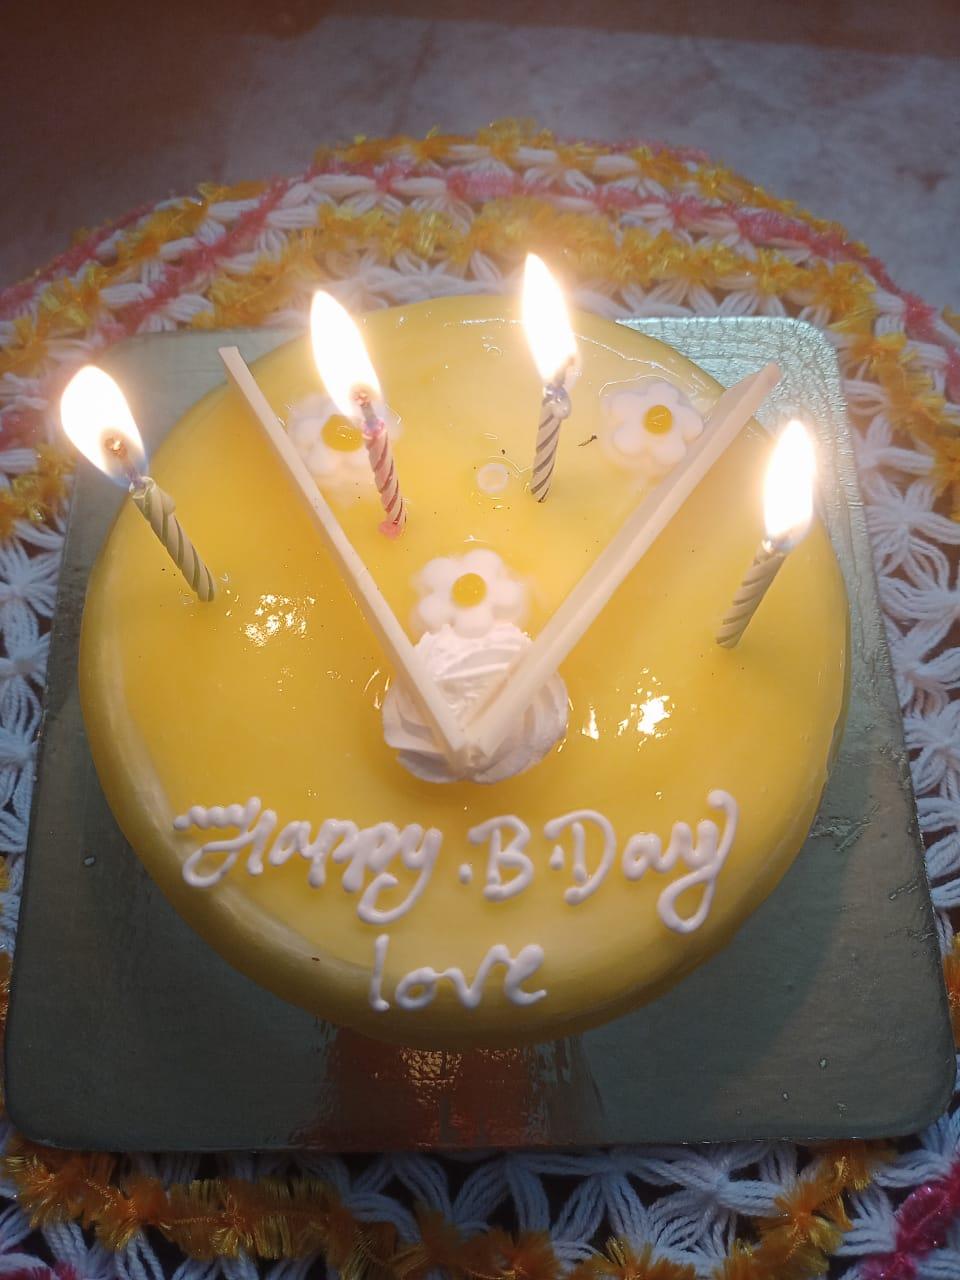 Round Pineapple Cream Cake